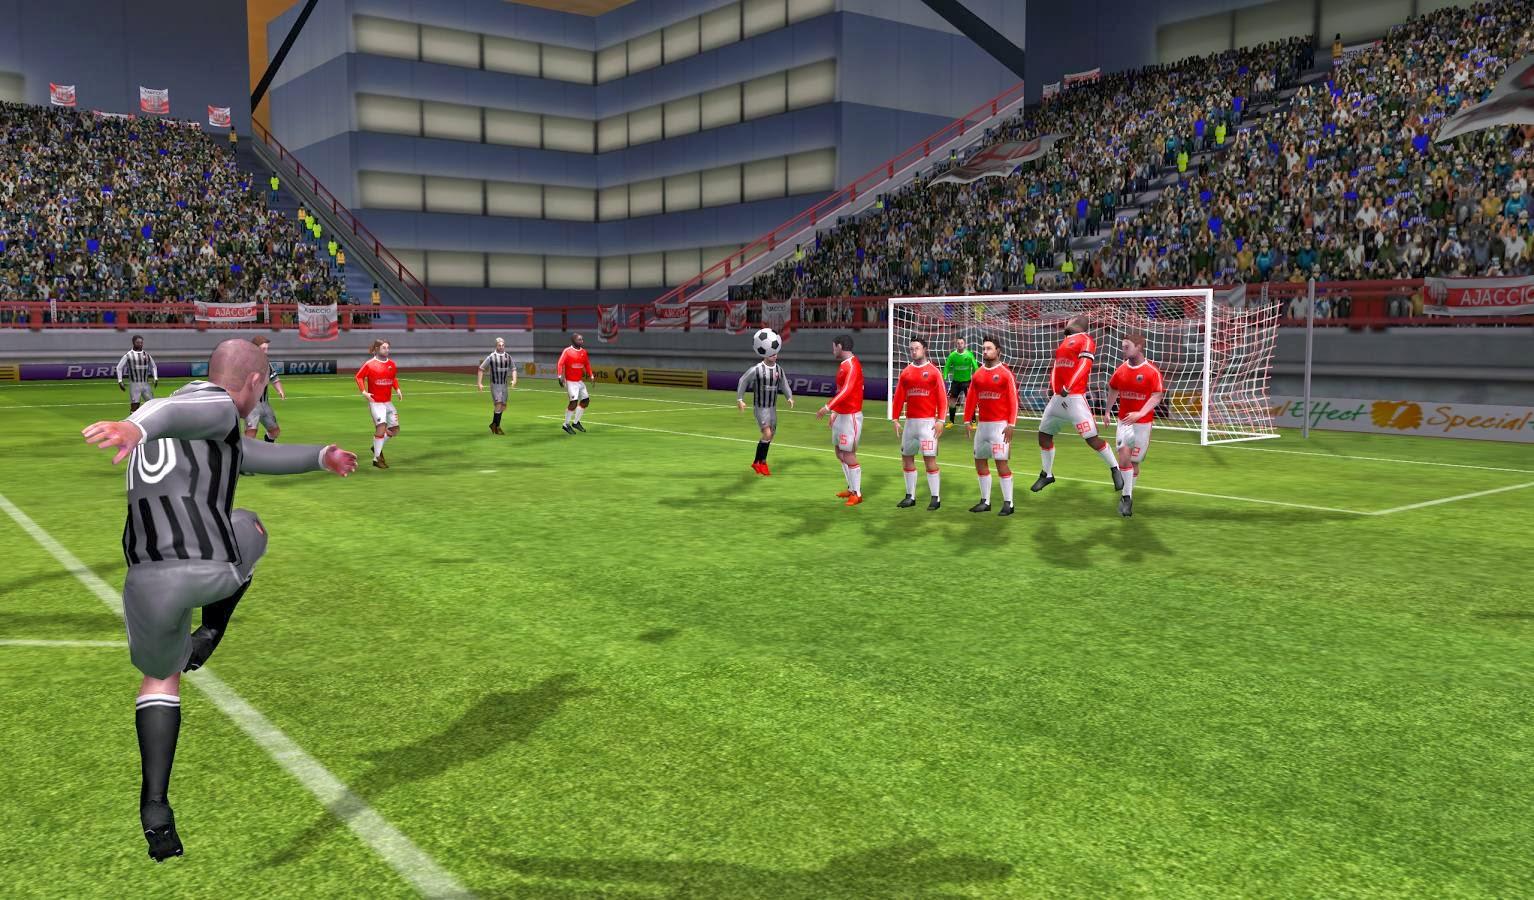 dream league apk